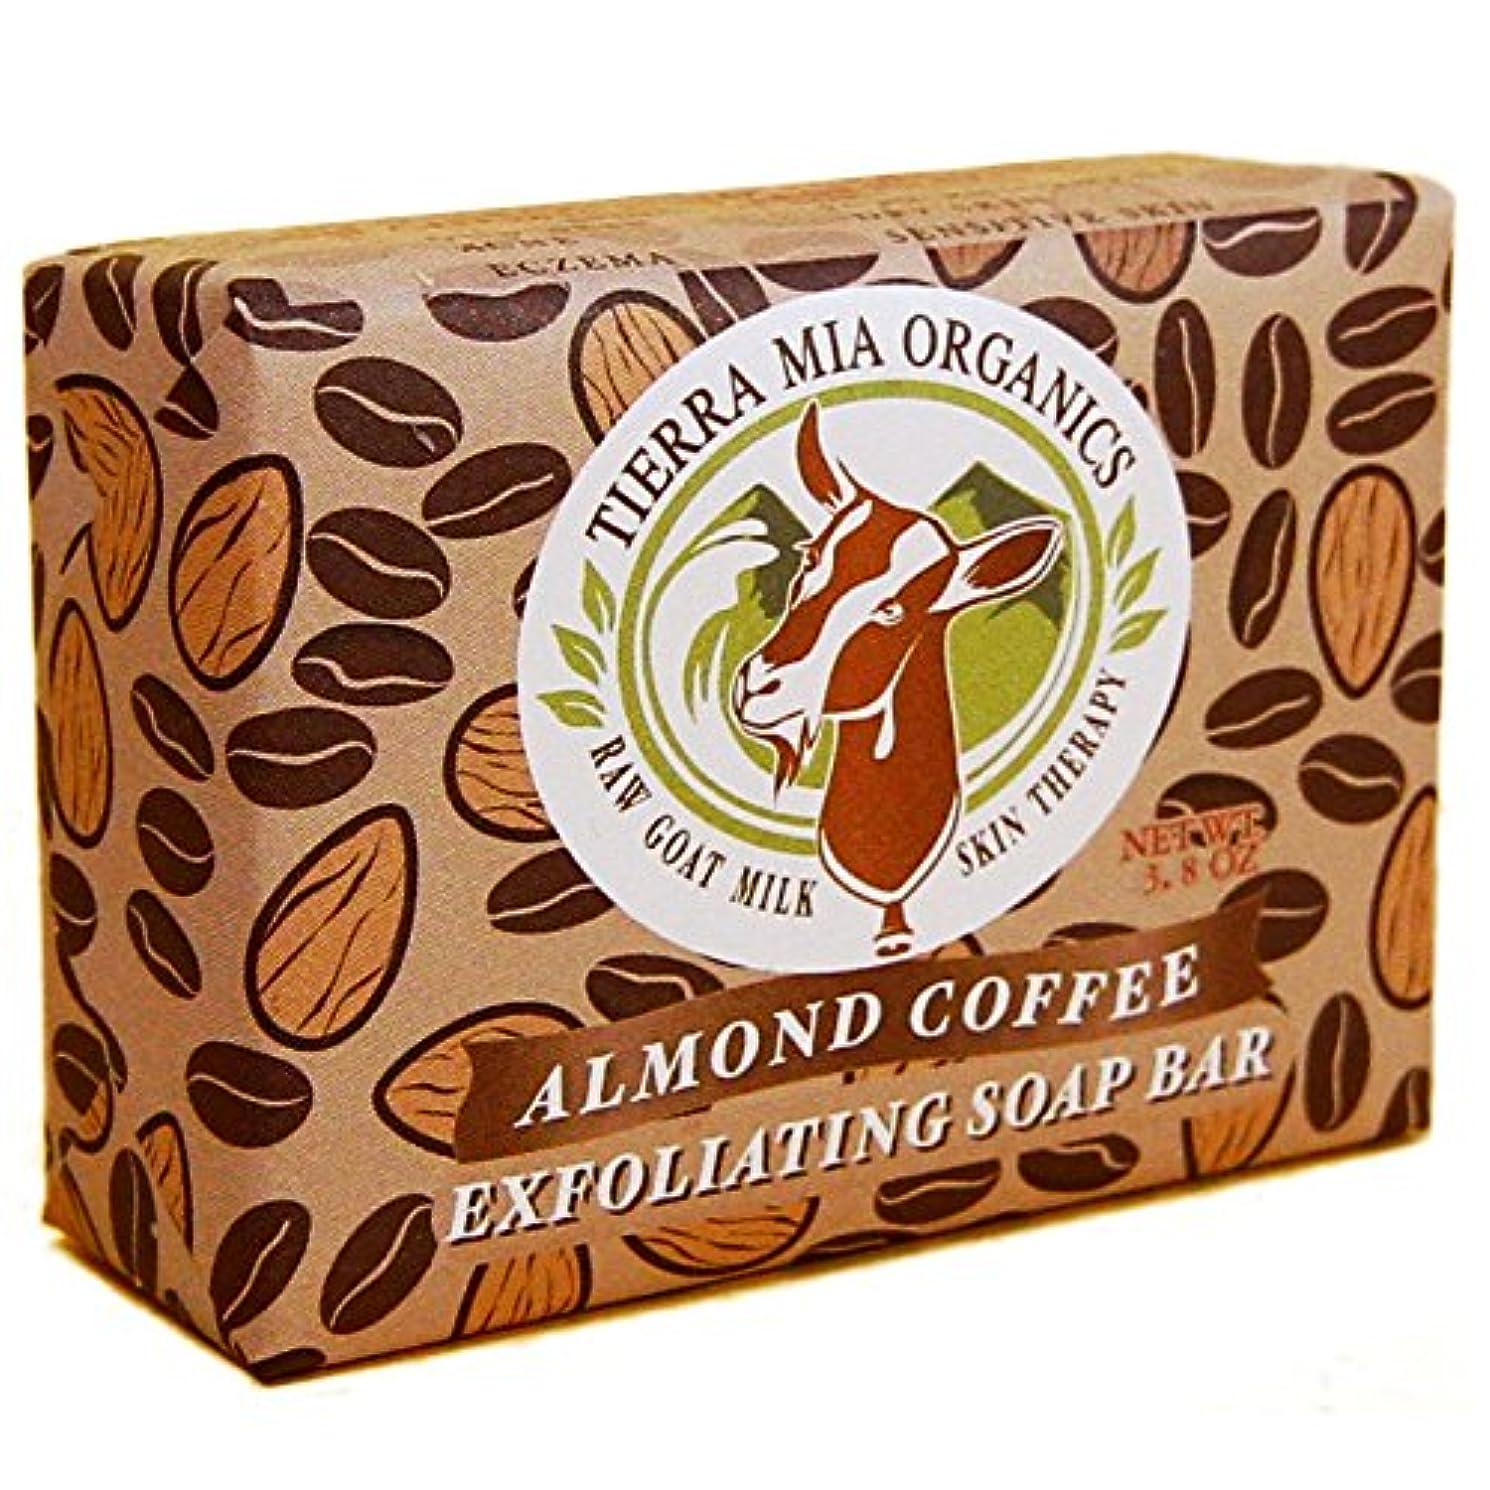 忍耐準備した思い出すTierra Mia Organics, Raw Goat Milk Skin Therapy, Exfoliating Soap Bar, Almond Coffee, 3.8 oz